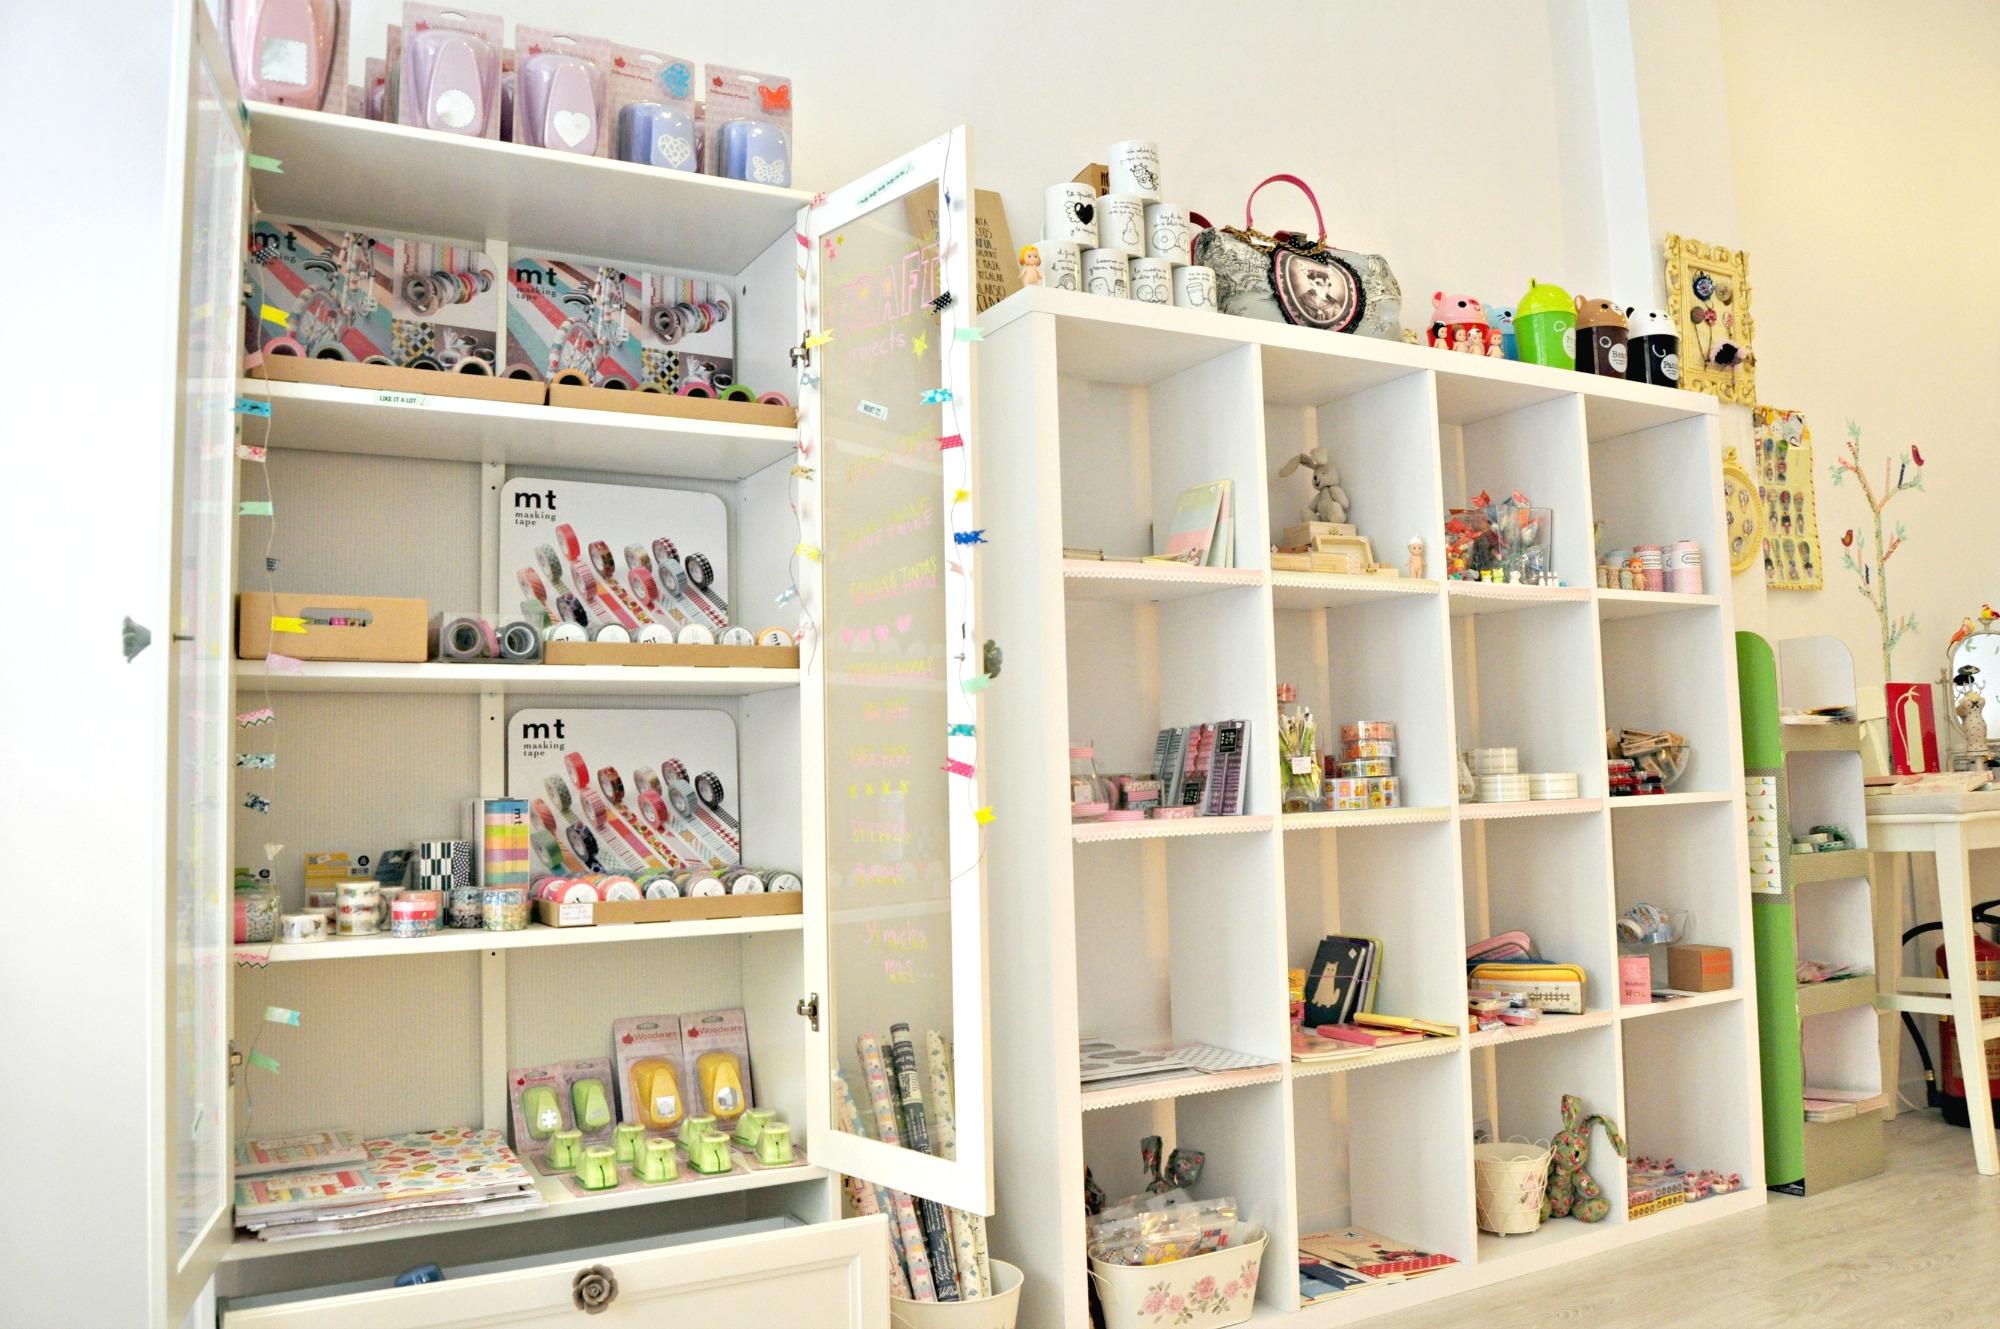 Souffl una tienda muy inspiradora en madrid muymolon - Tienda de cortinas madrid ...